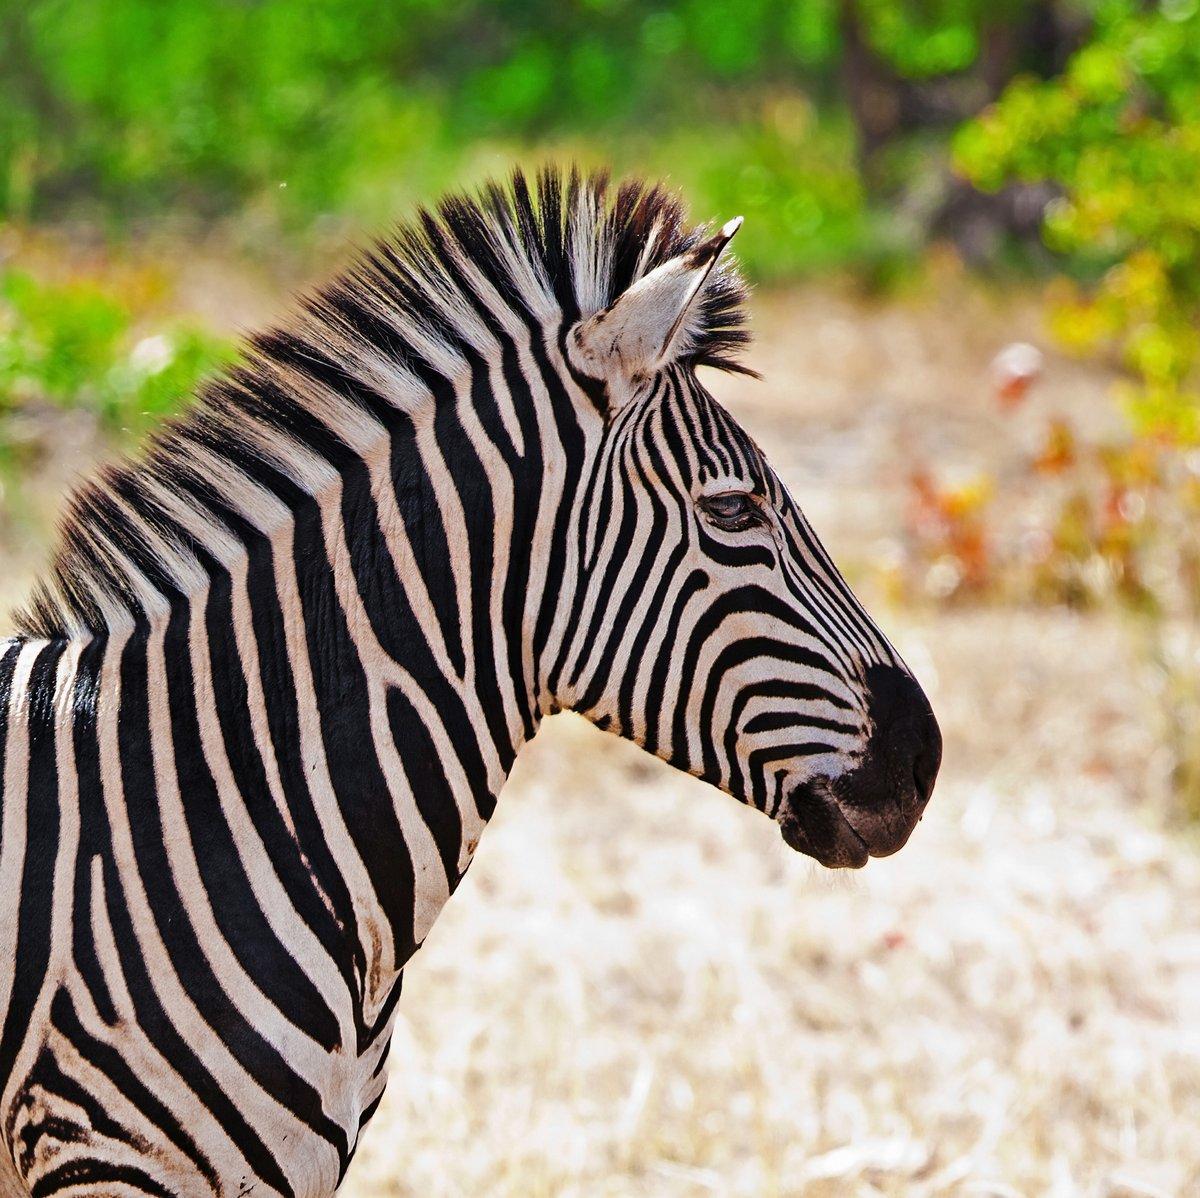 Постер Зебры Зебра в Kruger National Park, Южная АфрикаЗебры<br>Постер на холсте или бумаге. Любого нужного вам размера. В раме или без. Подвес в комплекте. Трехслойная надежная упаковка. Доставим в любую точку России. Вам осталось только повесить картину на стену!<br>